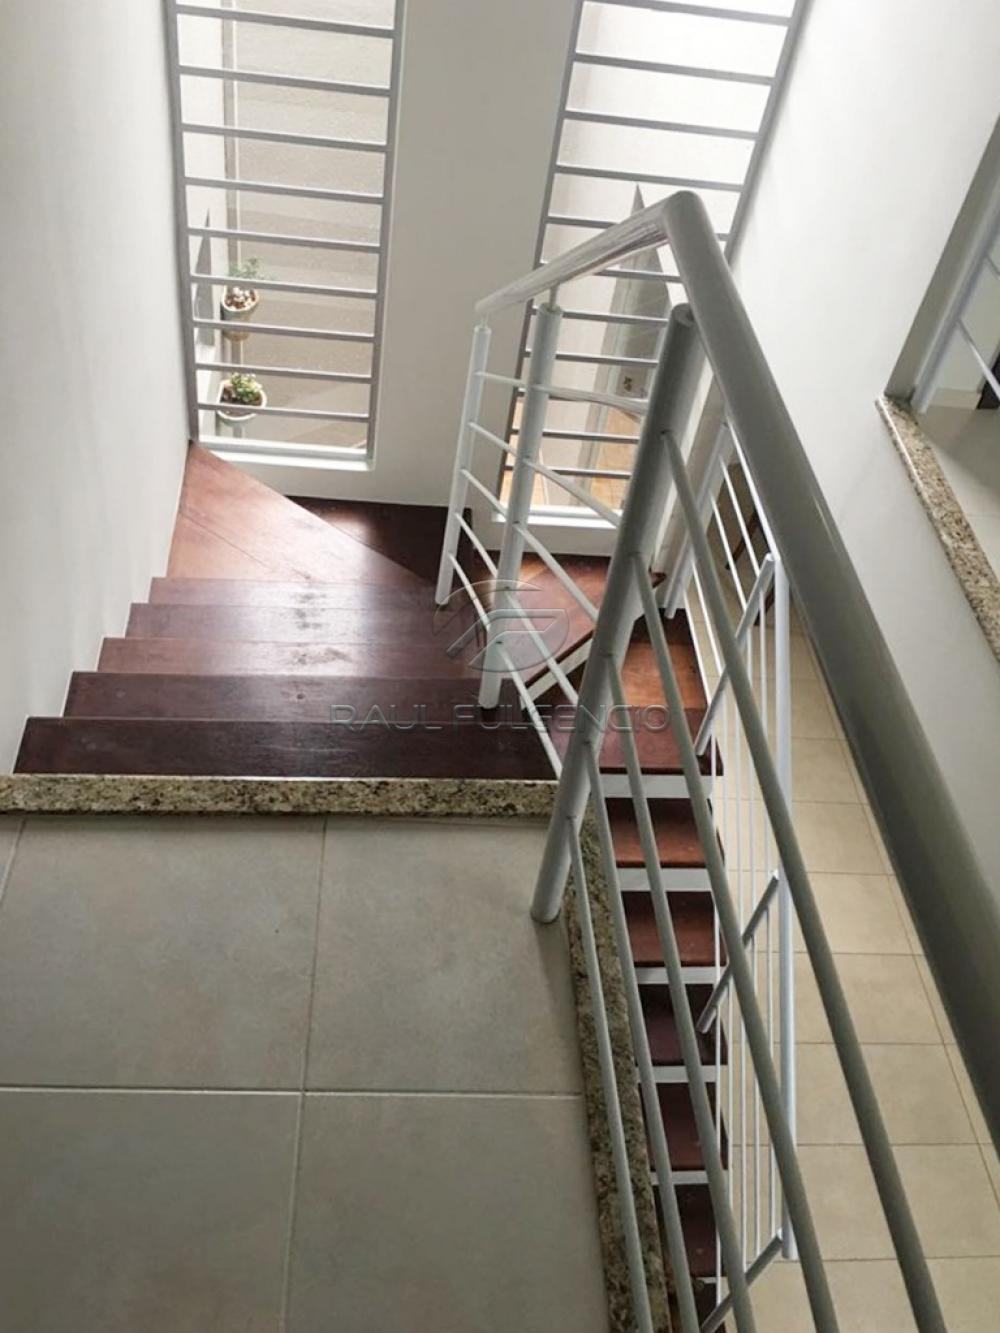 Comprar Casa / Sobrado em Londrina R$ 650.000,00 - Foto 6